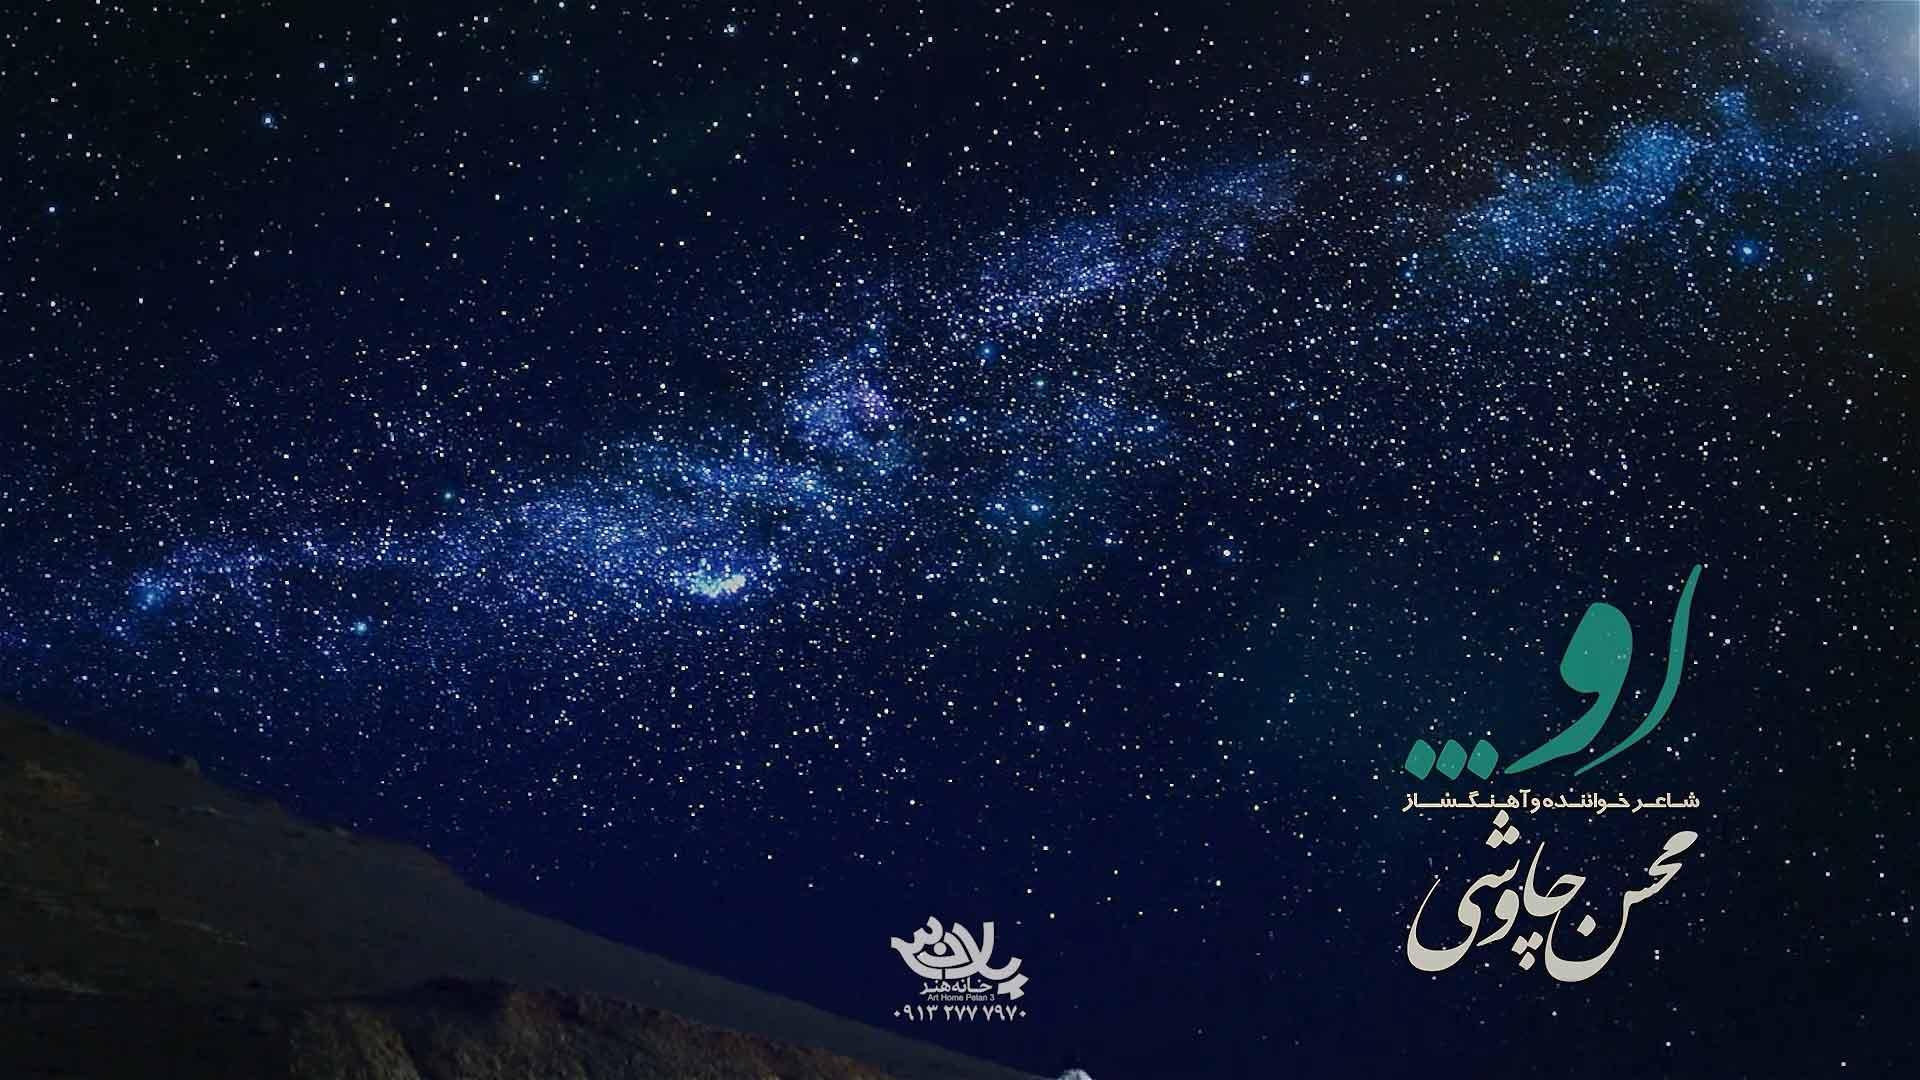 نماهنگ او محسن چاوشی